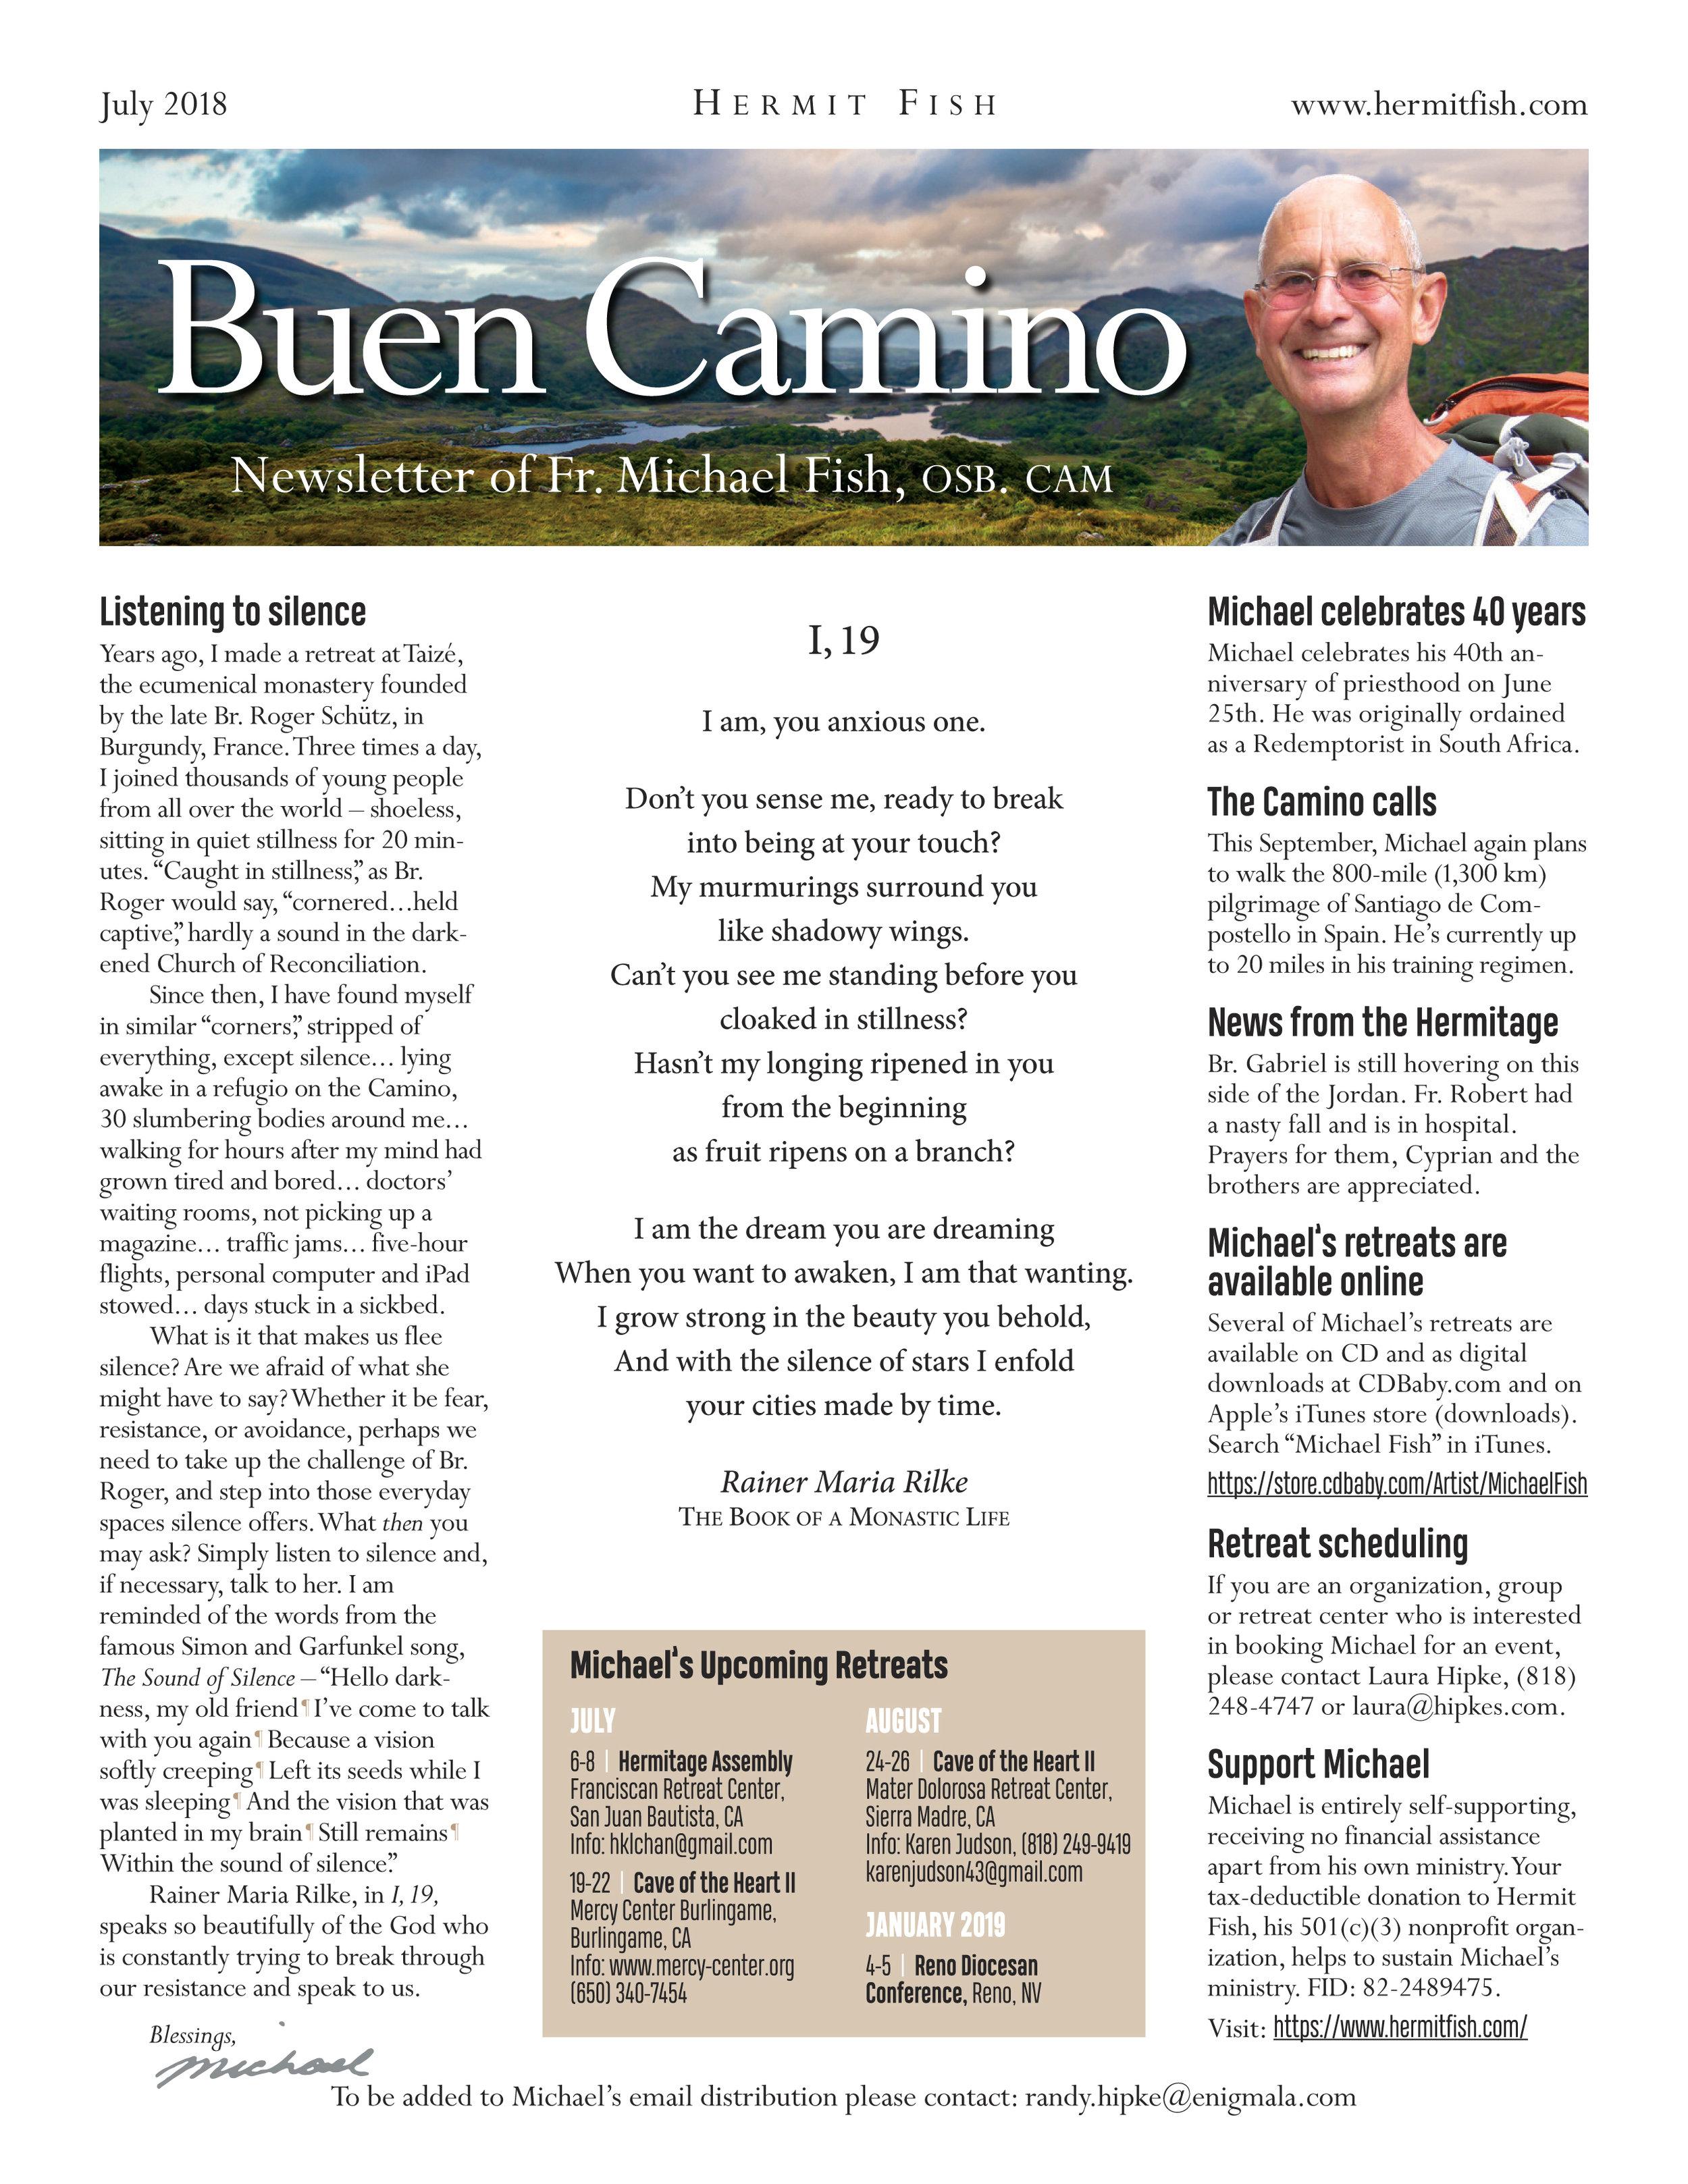 Buen Camino July 2018.jpg